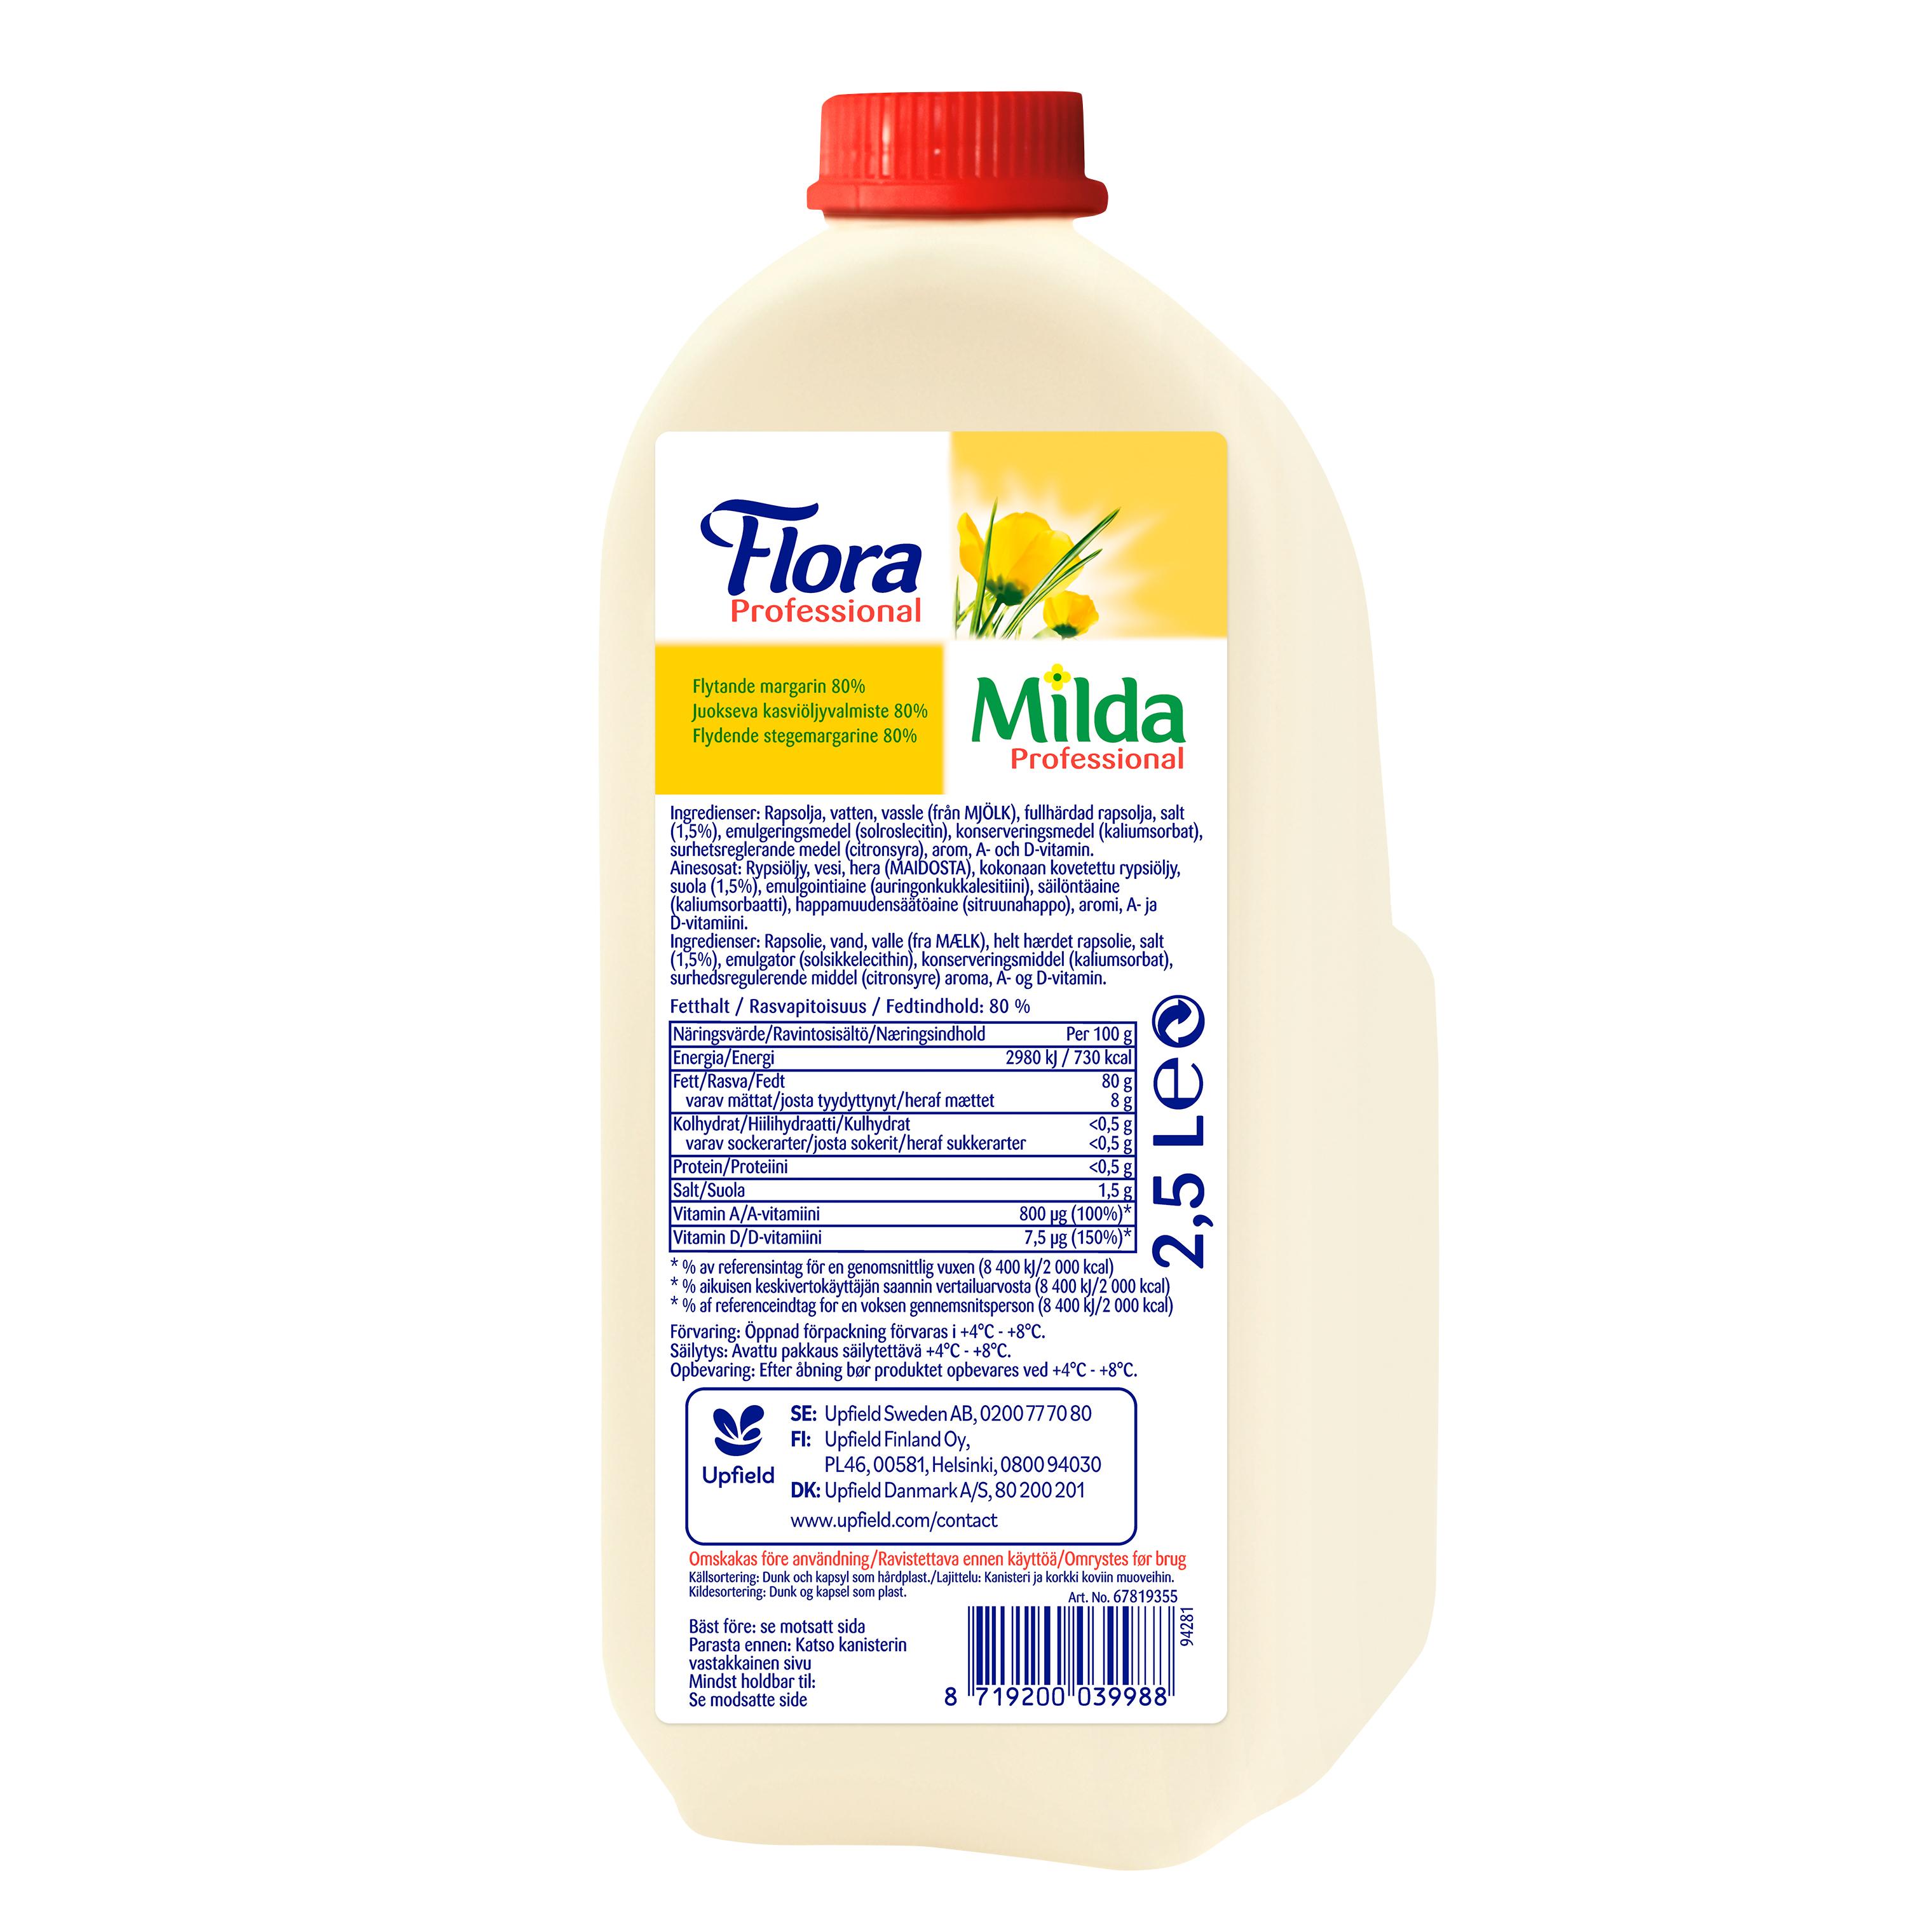 Milda Flytande Margarin 4 x 2,5 L  - Flora/Milda Flytande margarin 80% tål hög stektemperatur och ger en utmärkt stekyta.